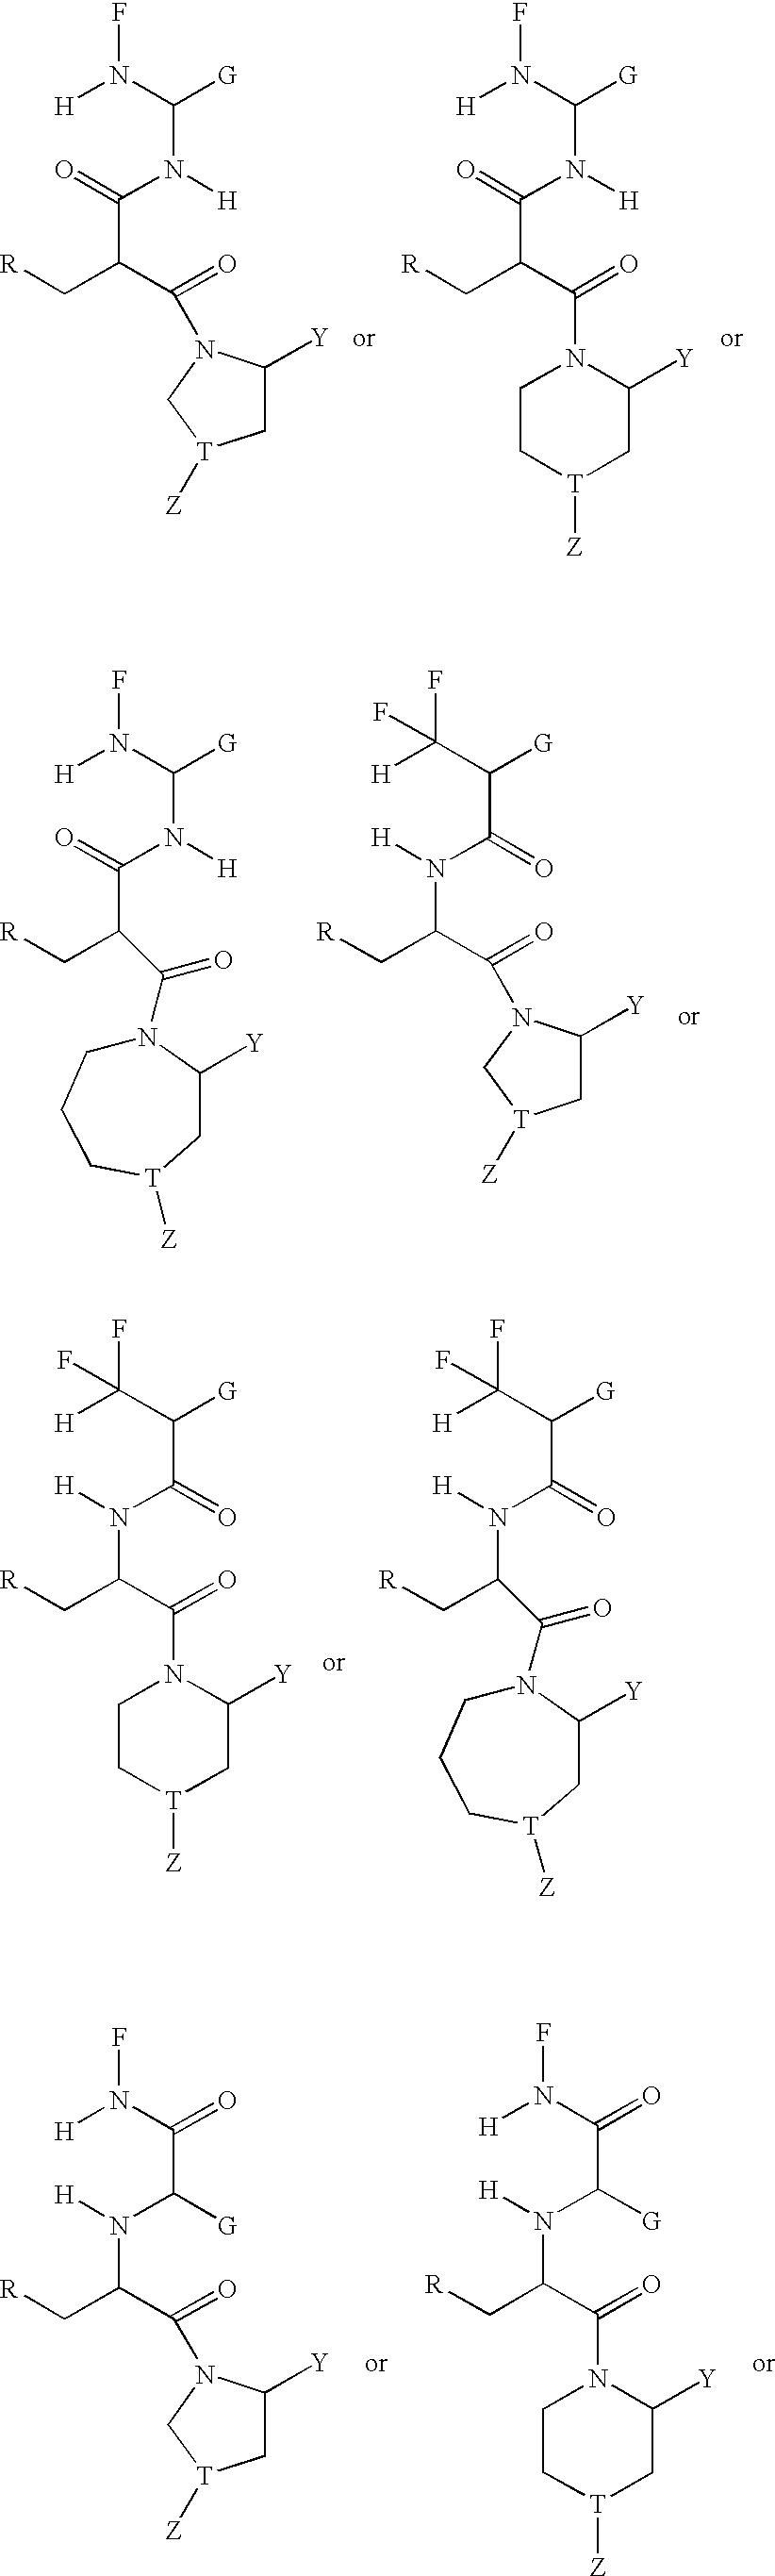 Figure US06911447-20050628-C00053